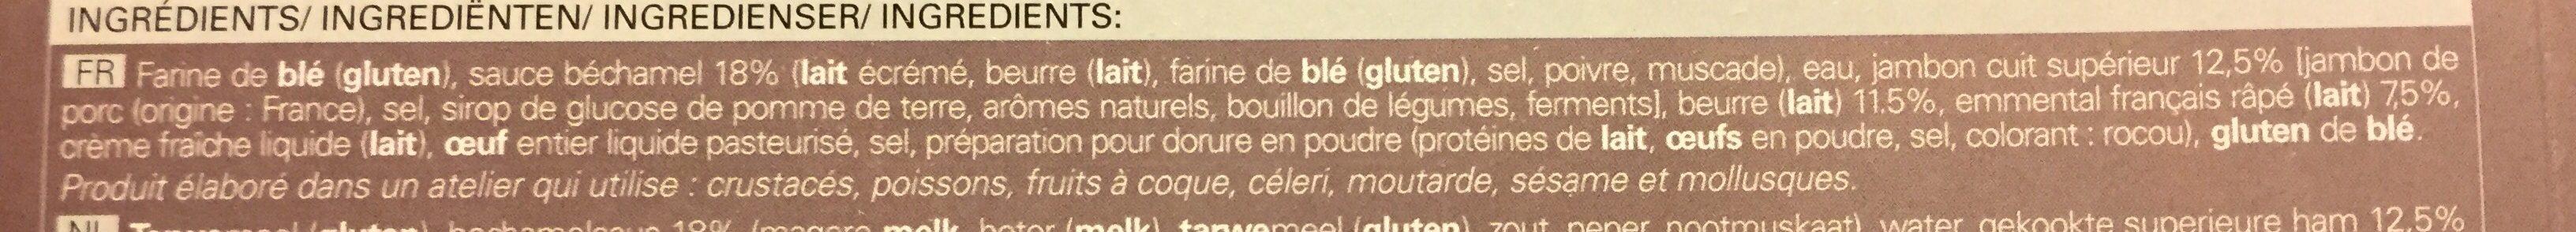 4 paniers jambon emmental - Ingrediënten